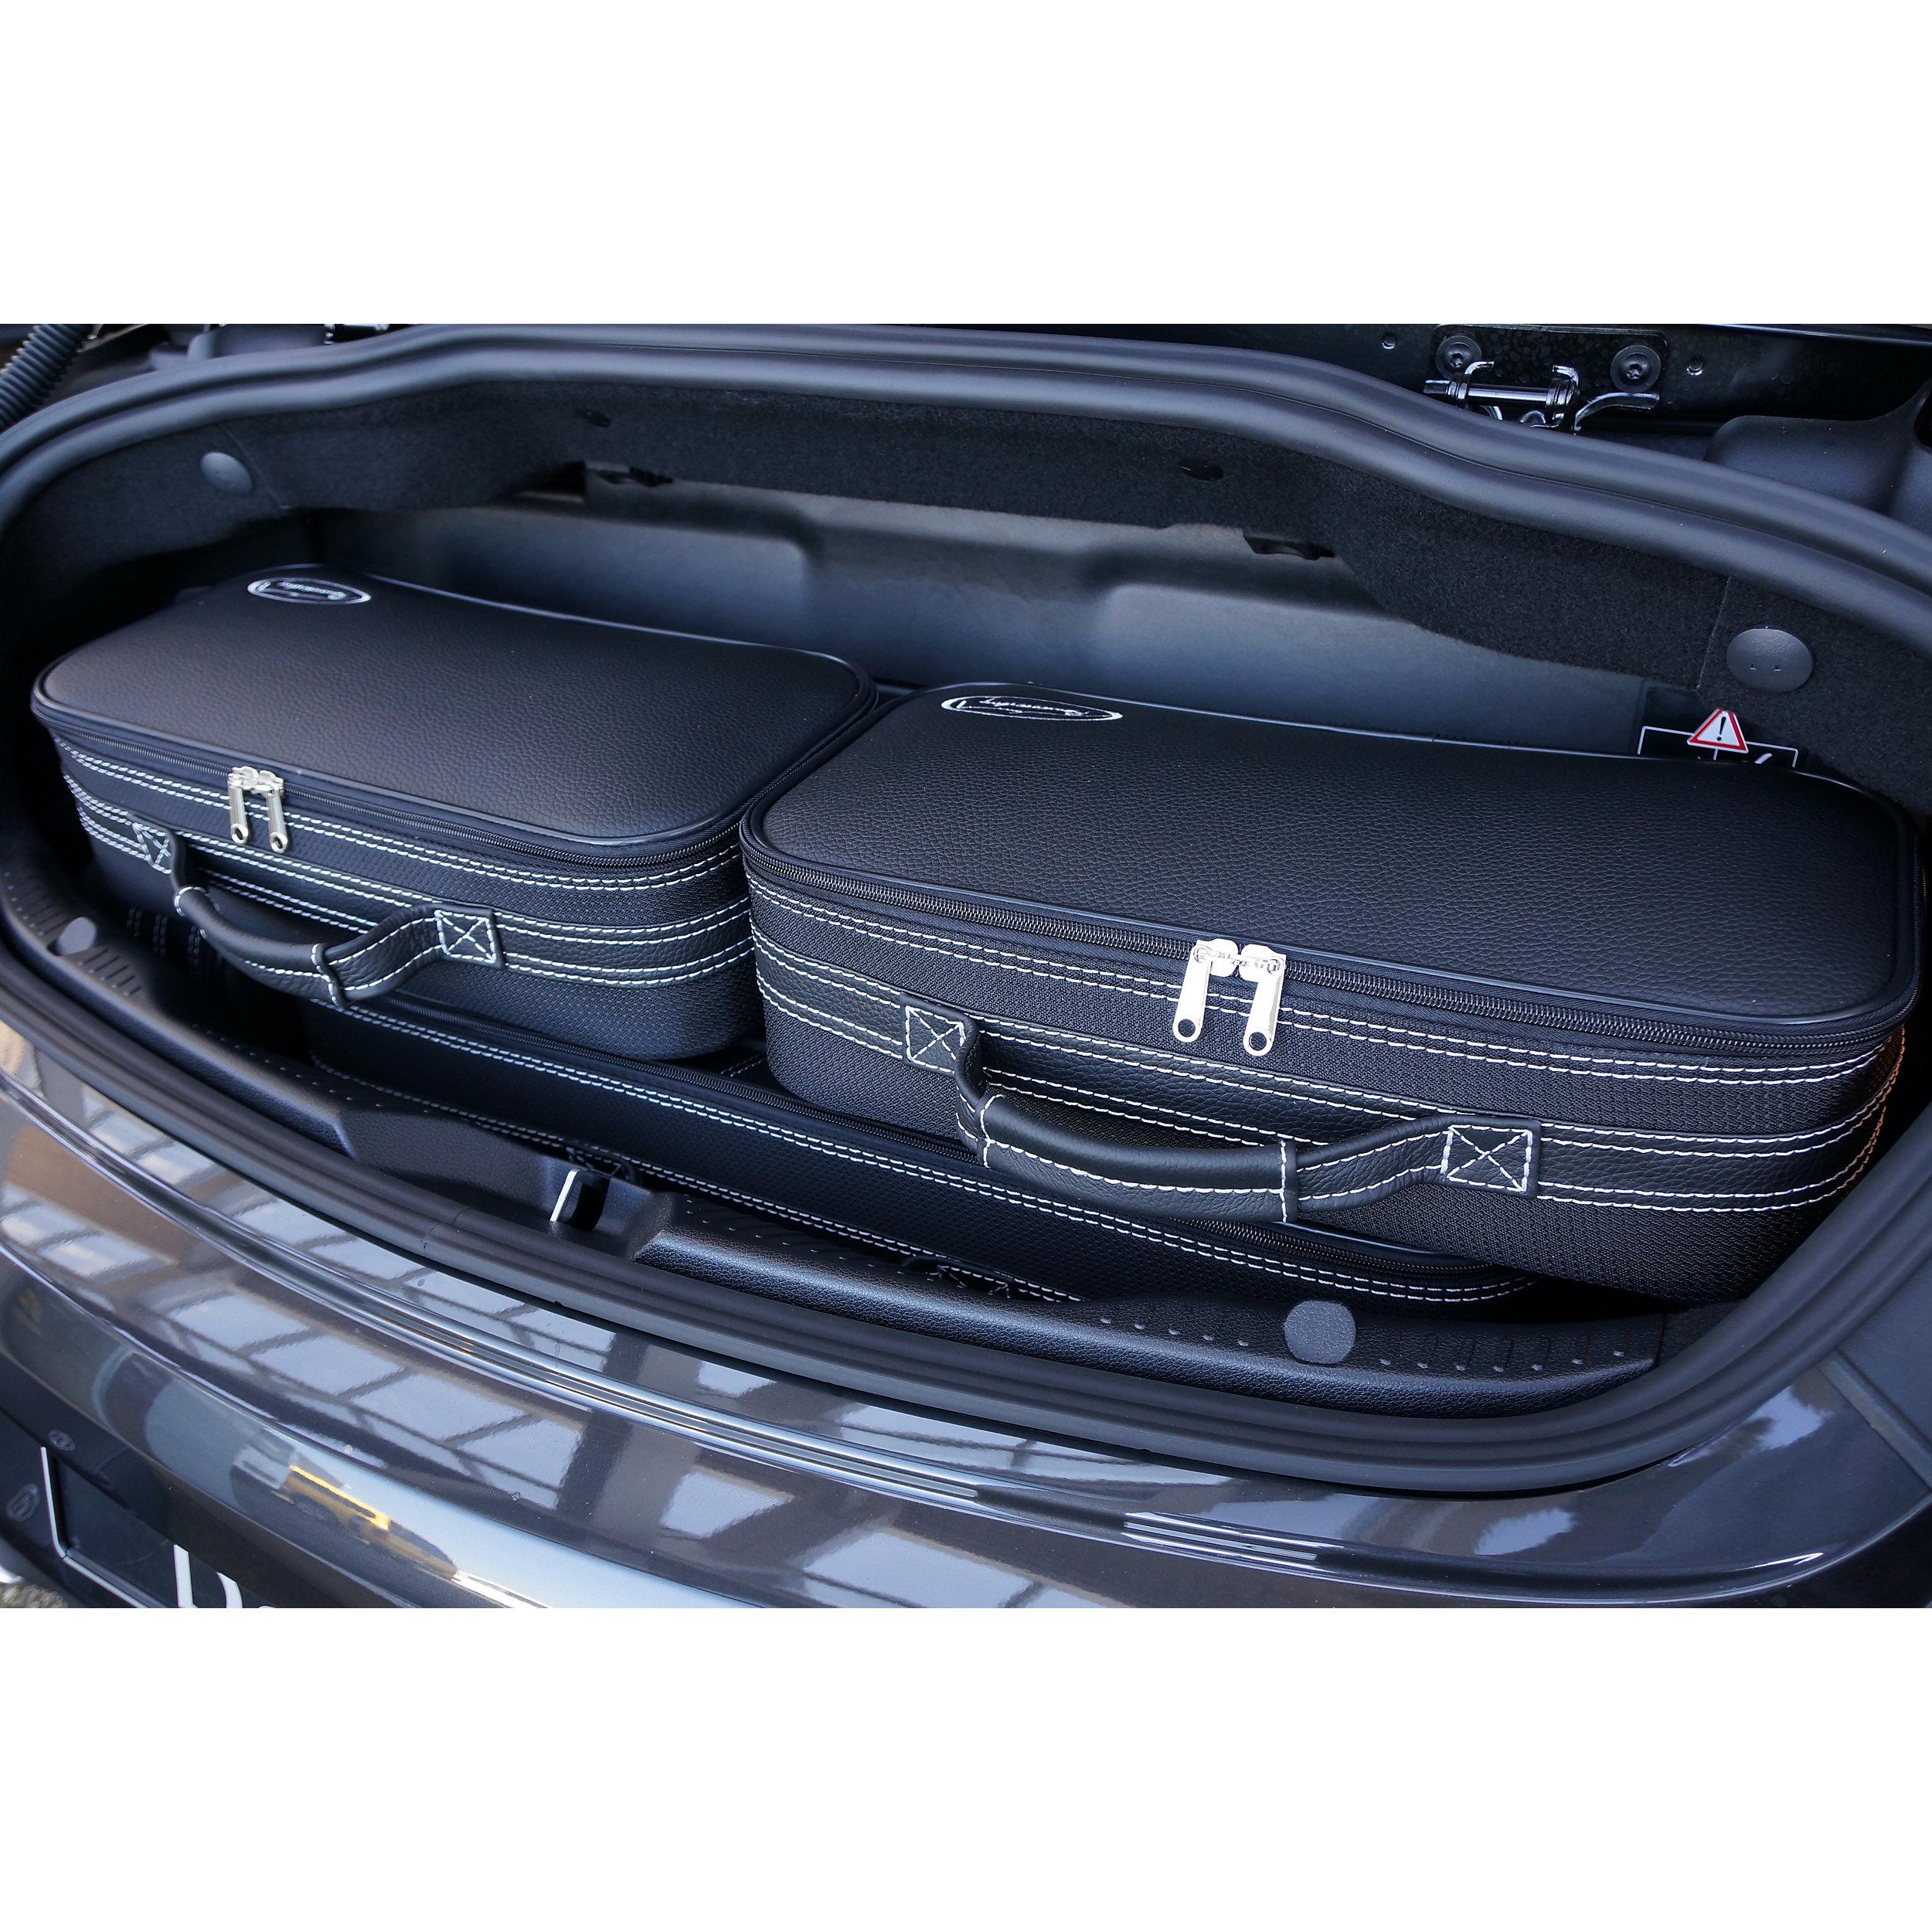 6-tlg. Kofferset mit 2 Rollen Mercedes C-Klasse Cabrio (A205) 155 Liter